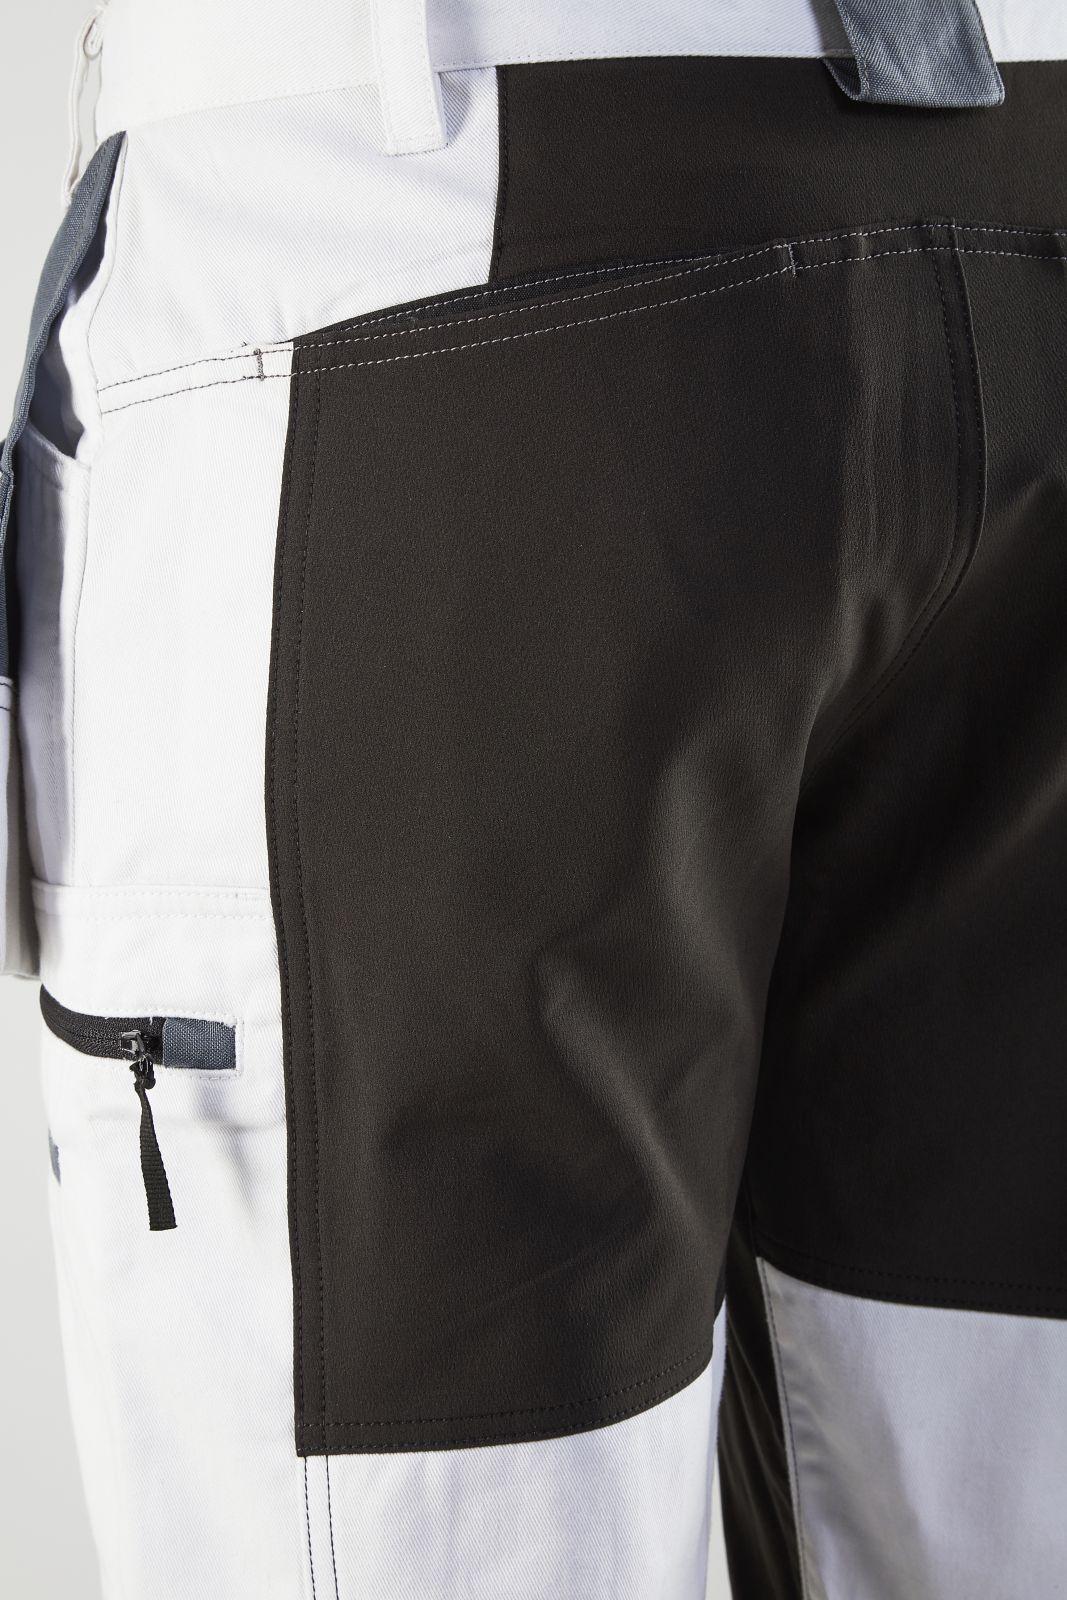 Blaklader Broeken 19101000 wit-zwart(1099)